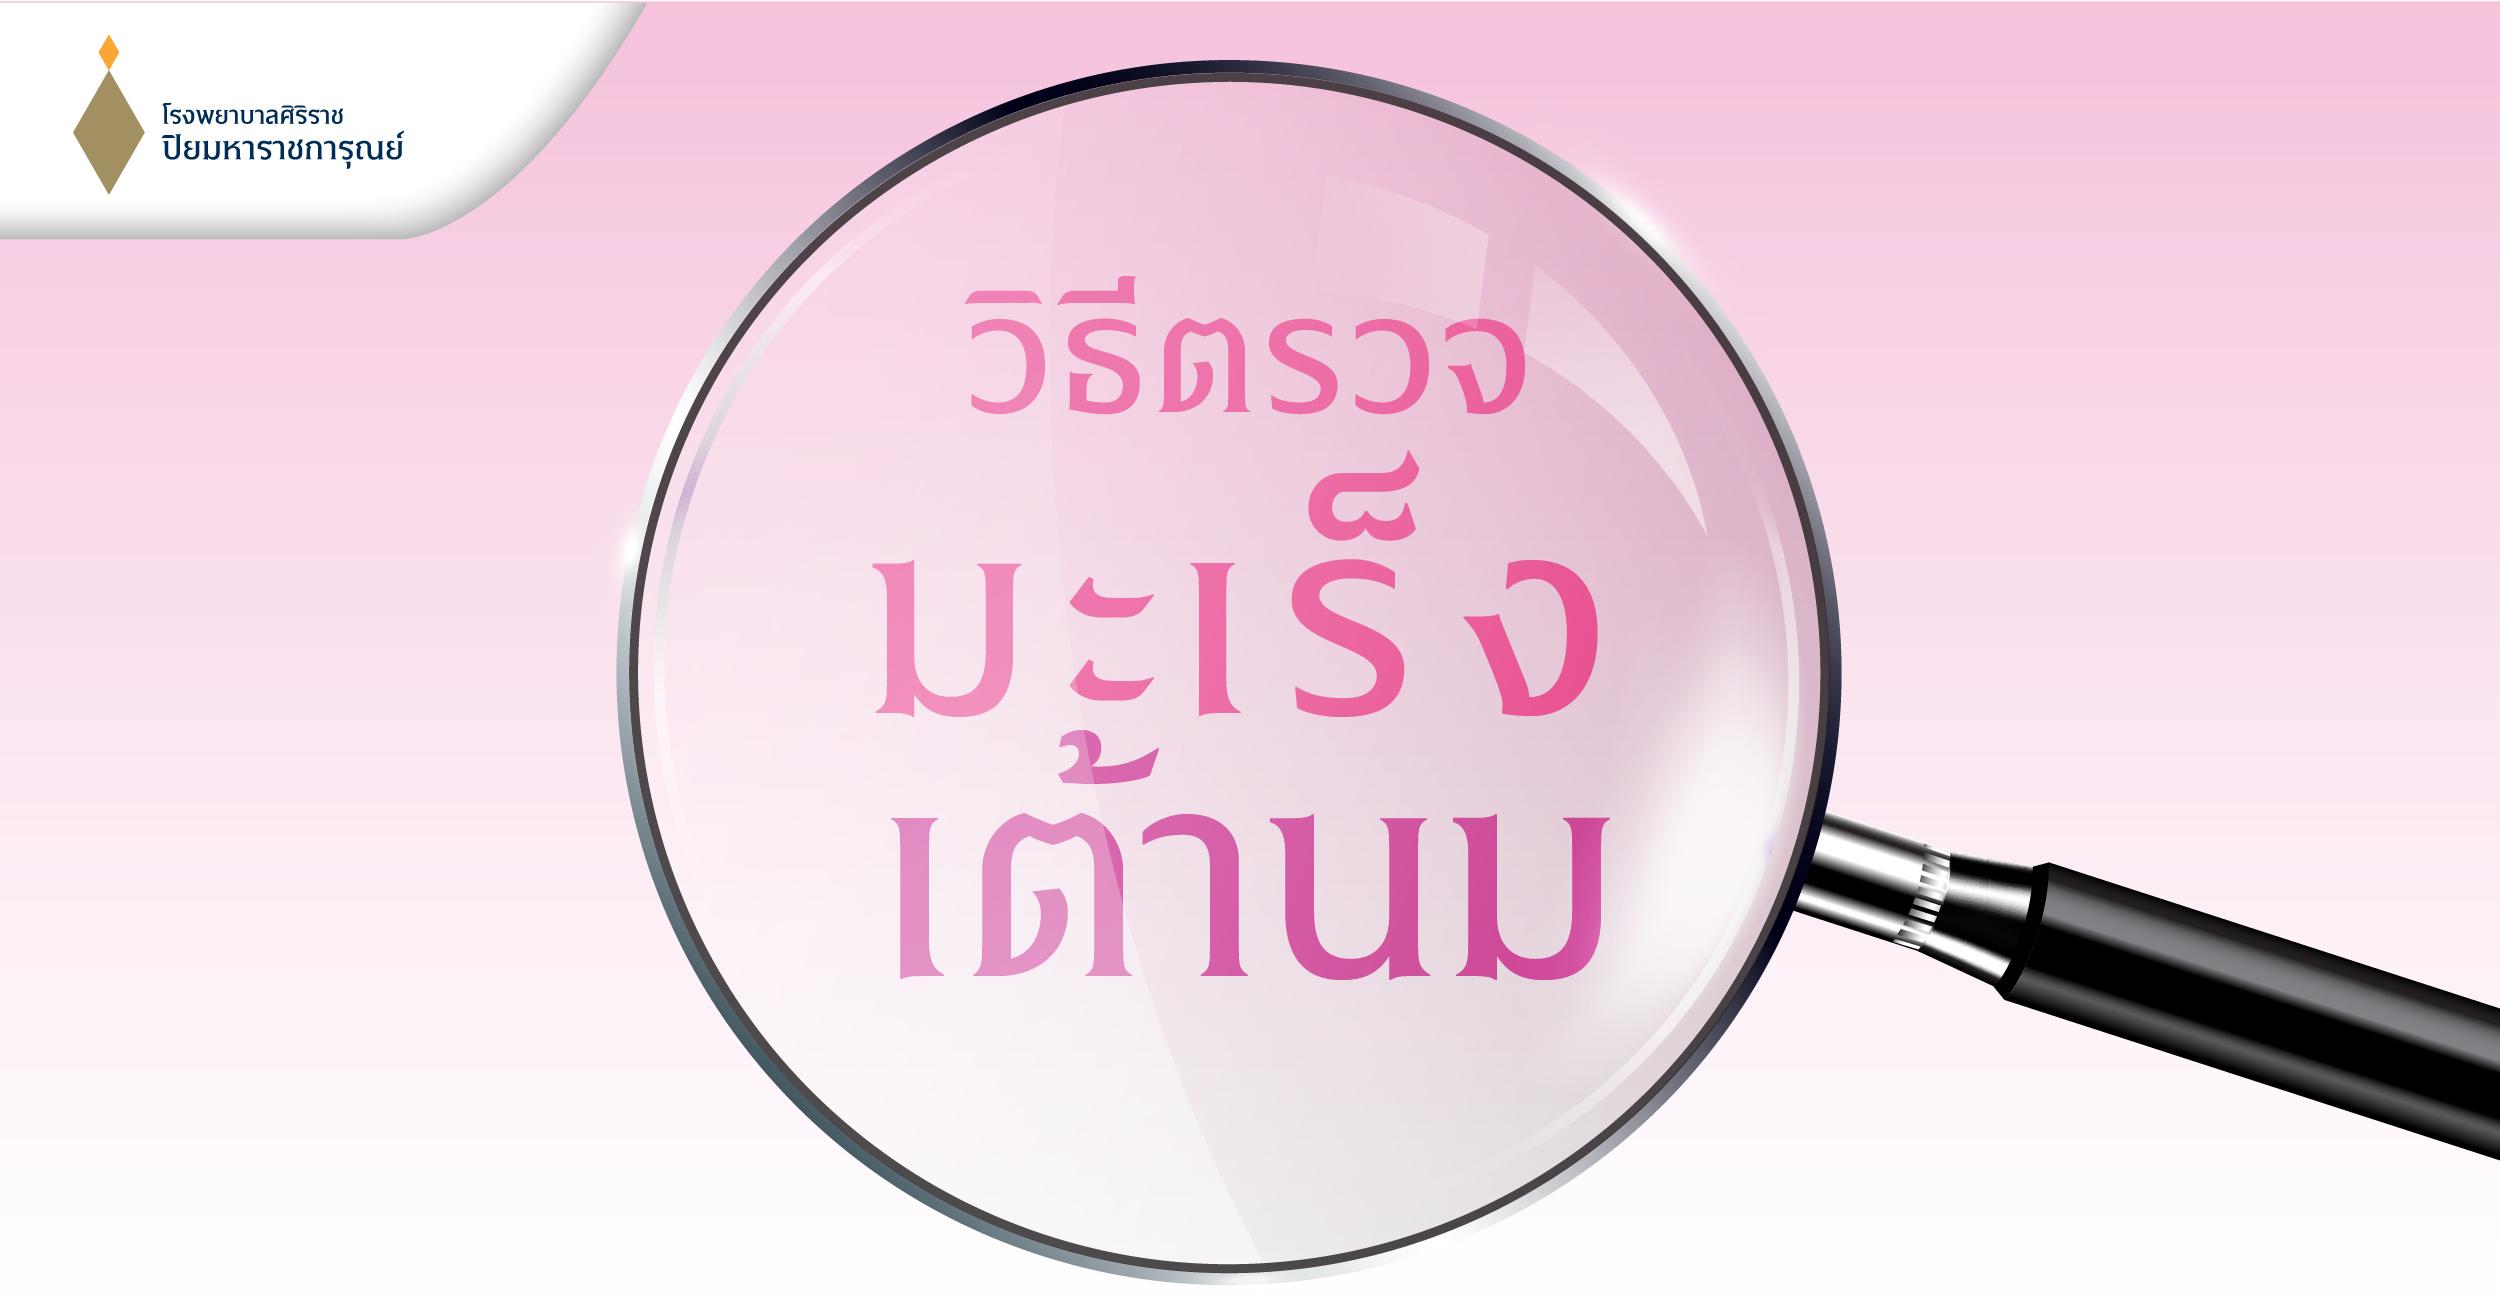 มะเร็งเต้านม เช็คให้ชัวร์! ด้วย 3 วิธี (Breast Cancer)